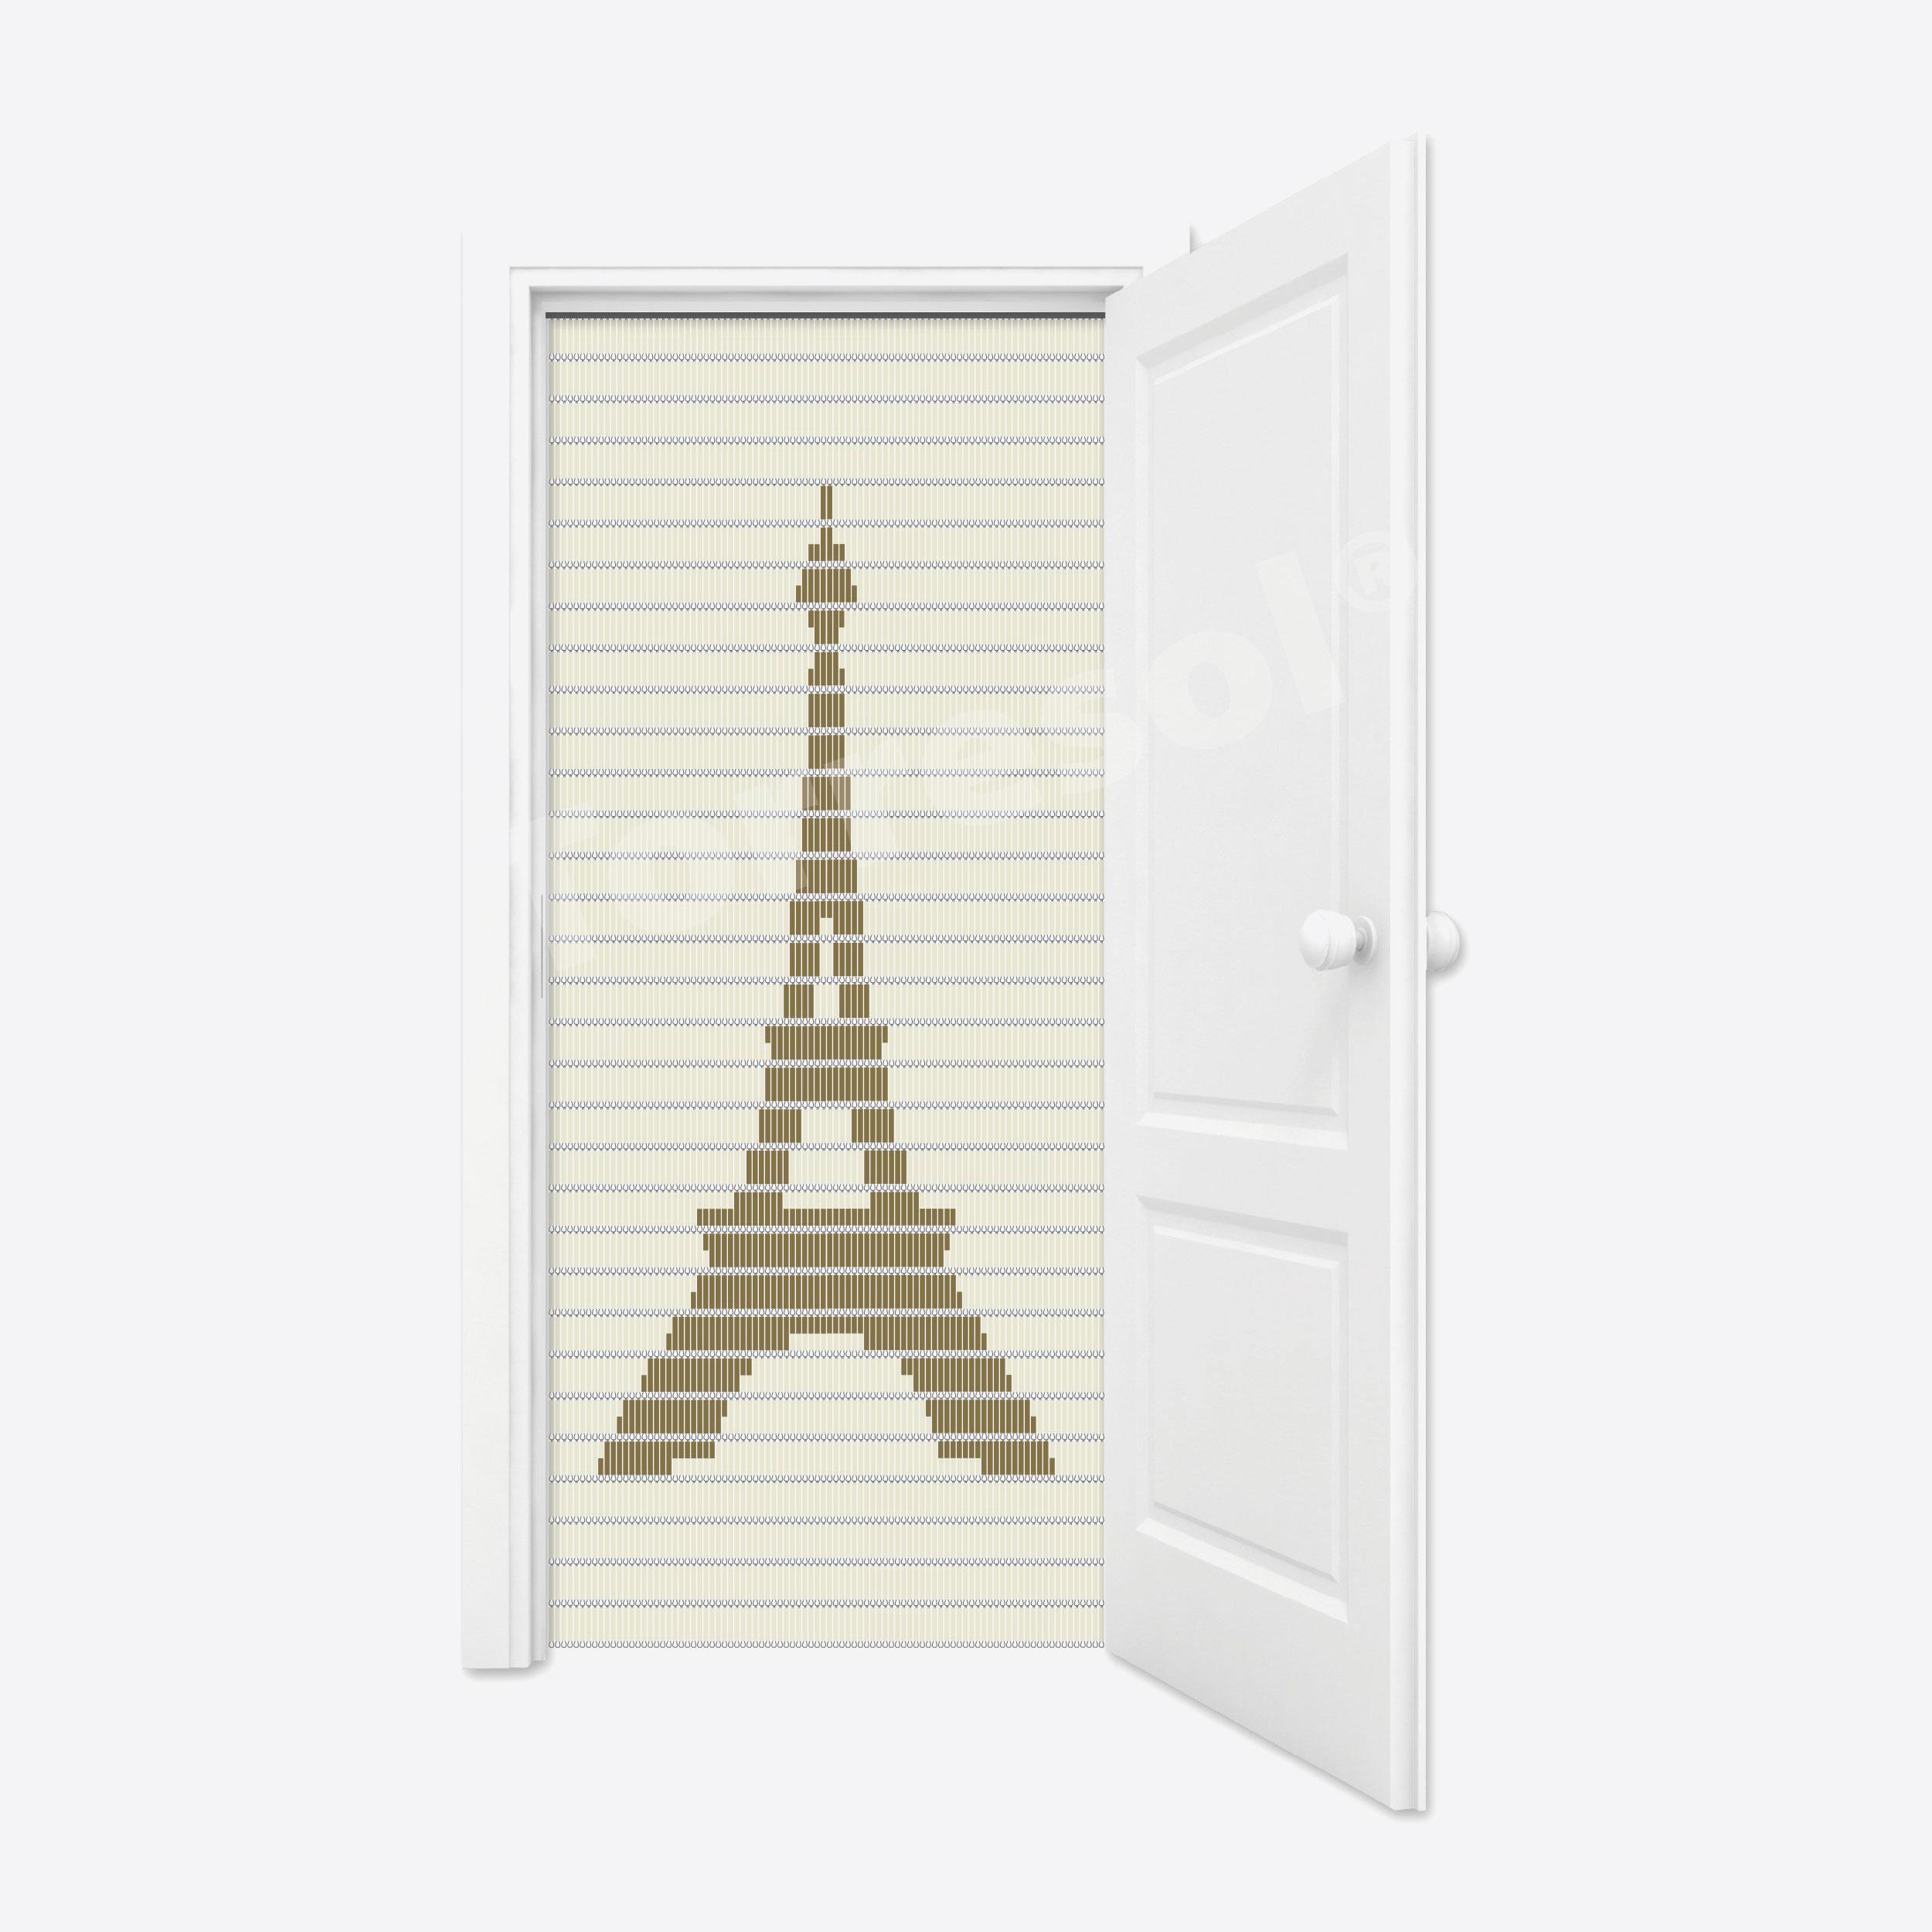 88. Vliegengordijn Eiffeltoren